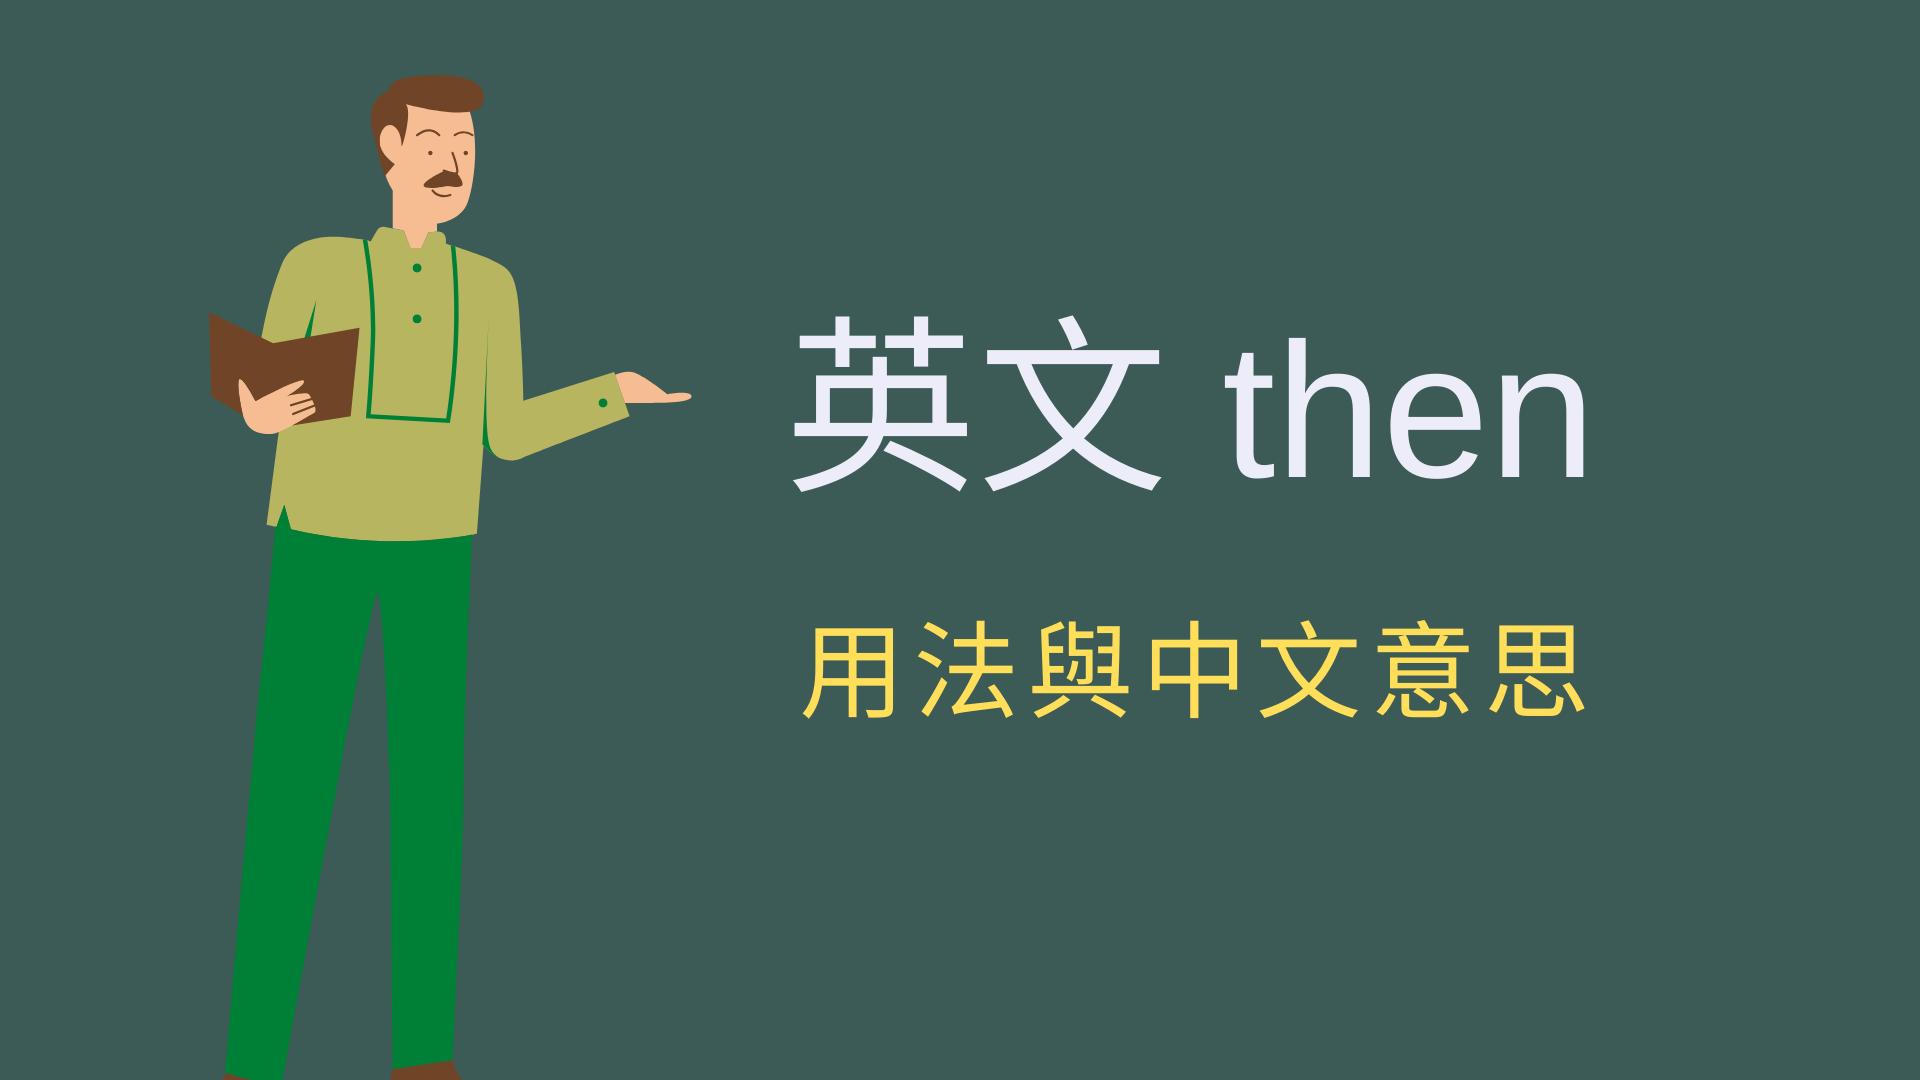 【then 用法】一次搞懂英文「then」用法跟中文意思